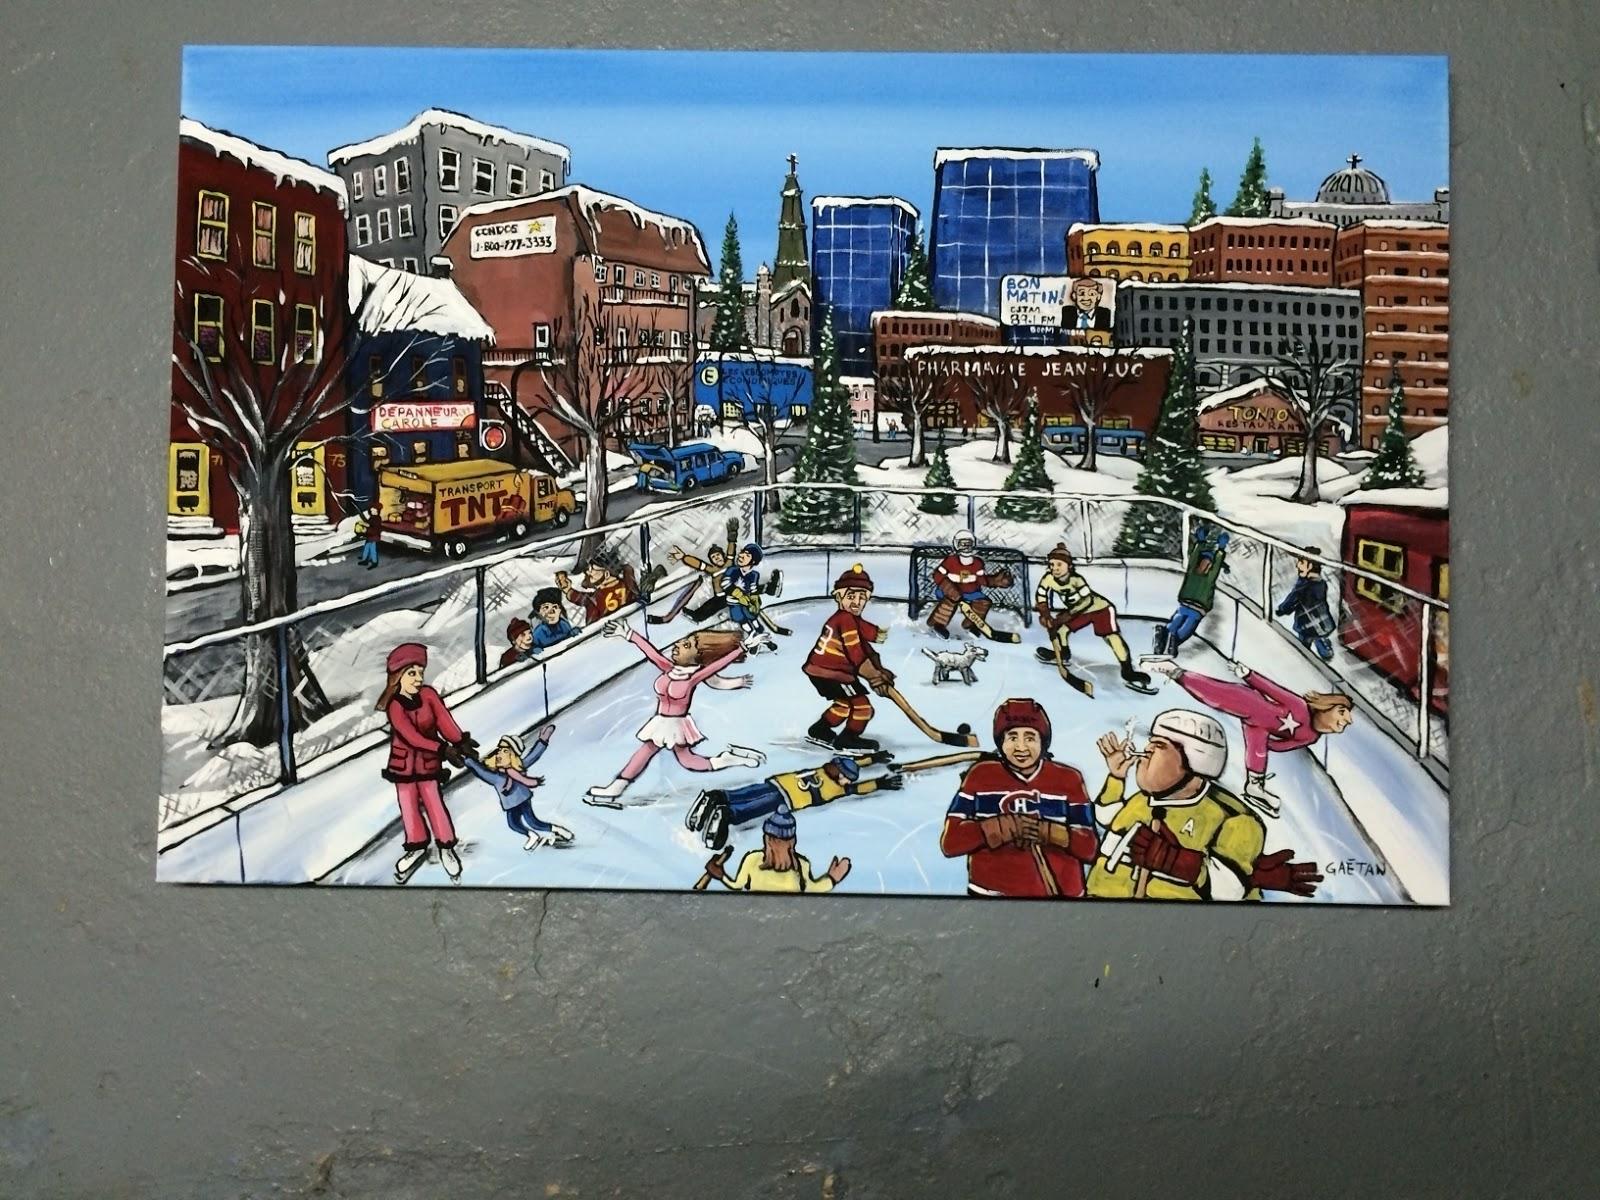 La patinoire pour tous